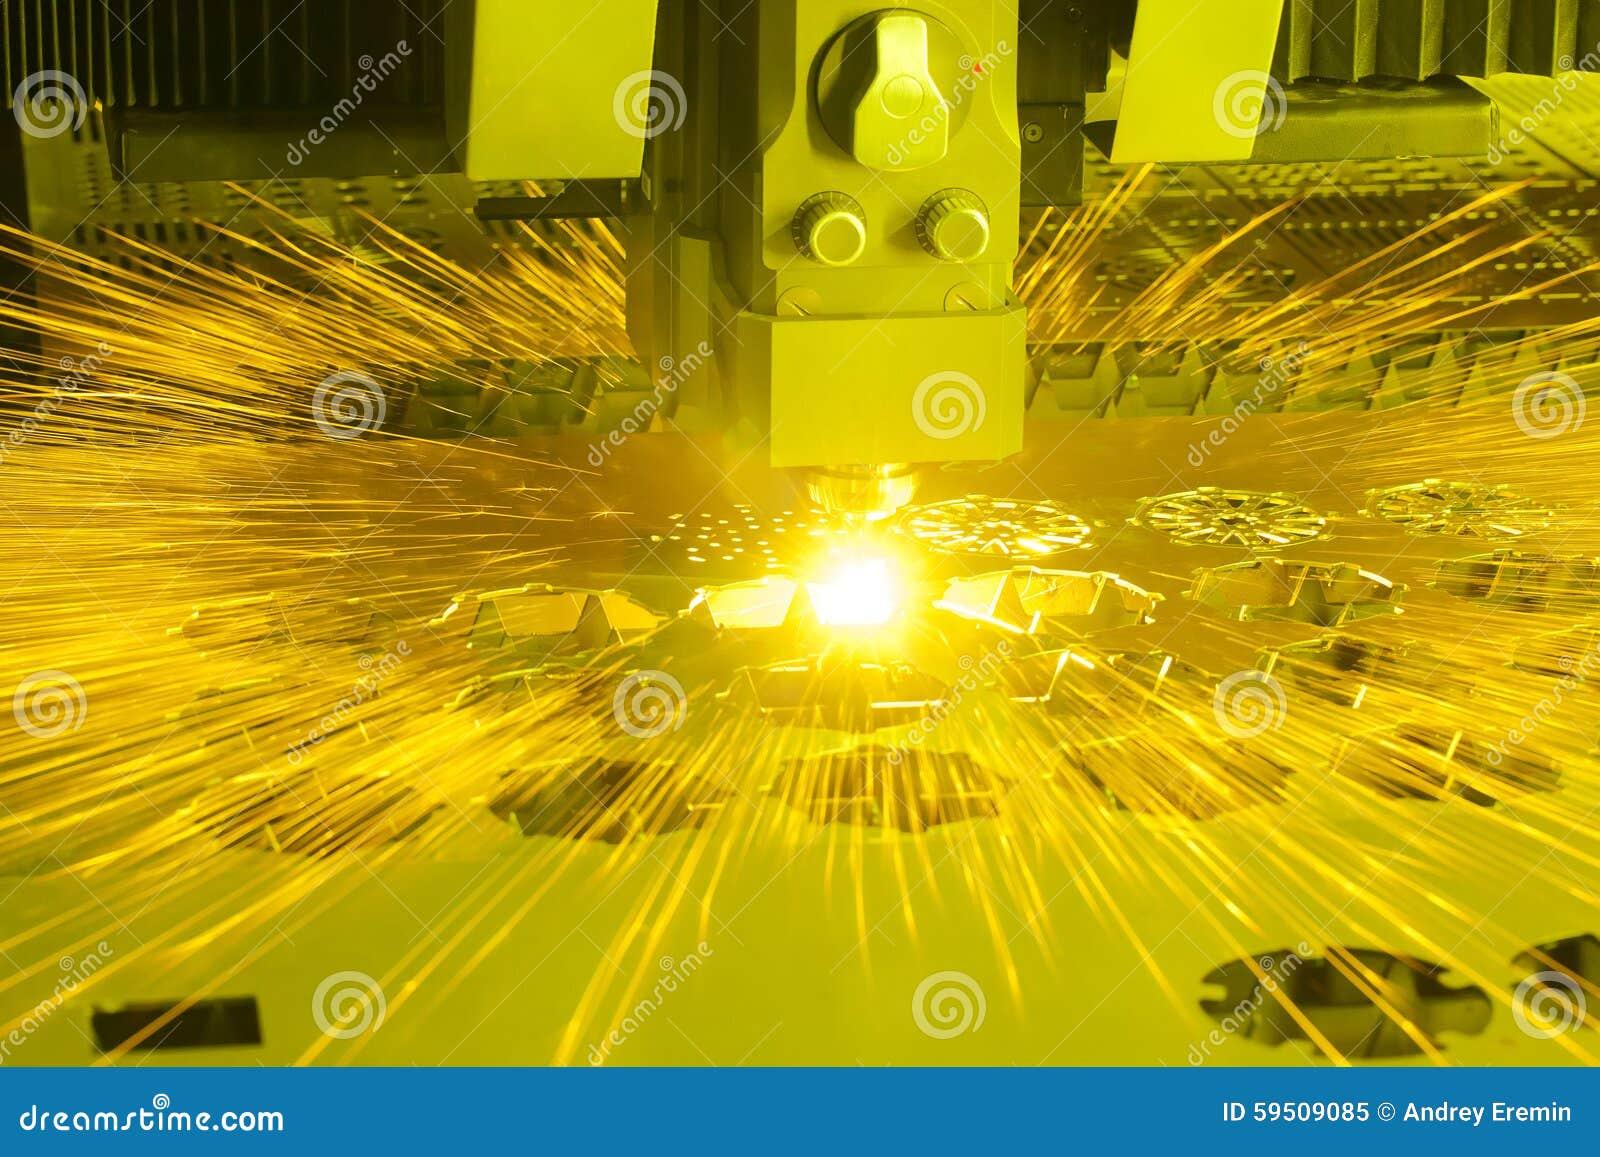 Découpeuse industrielle de laser